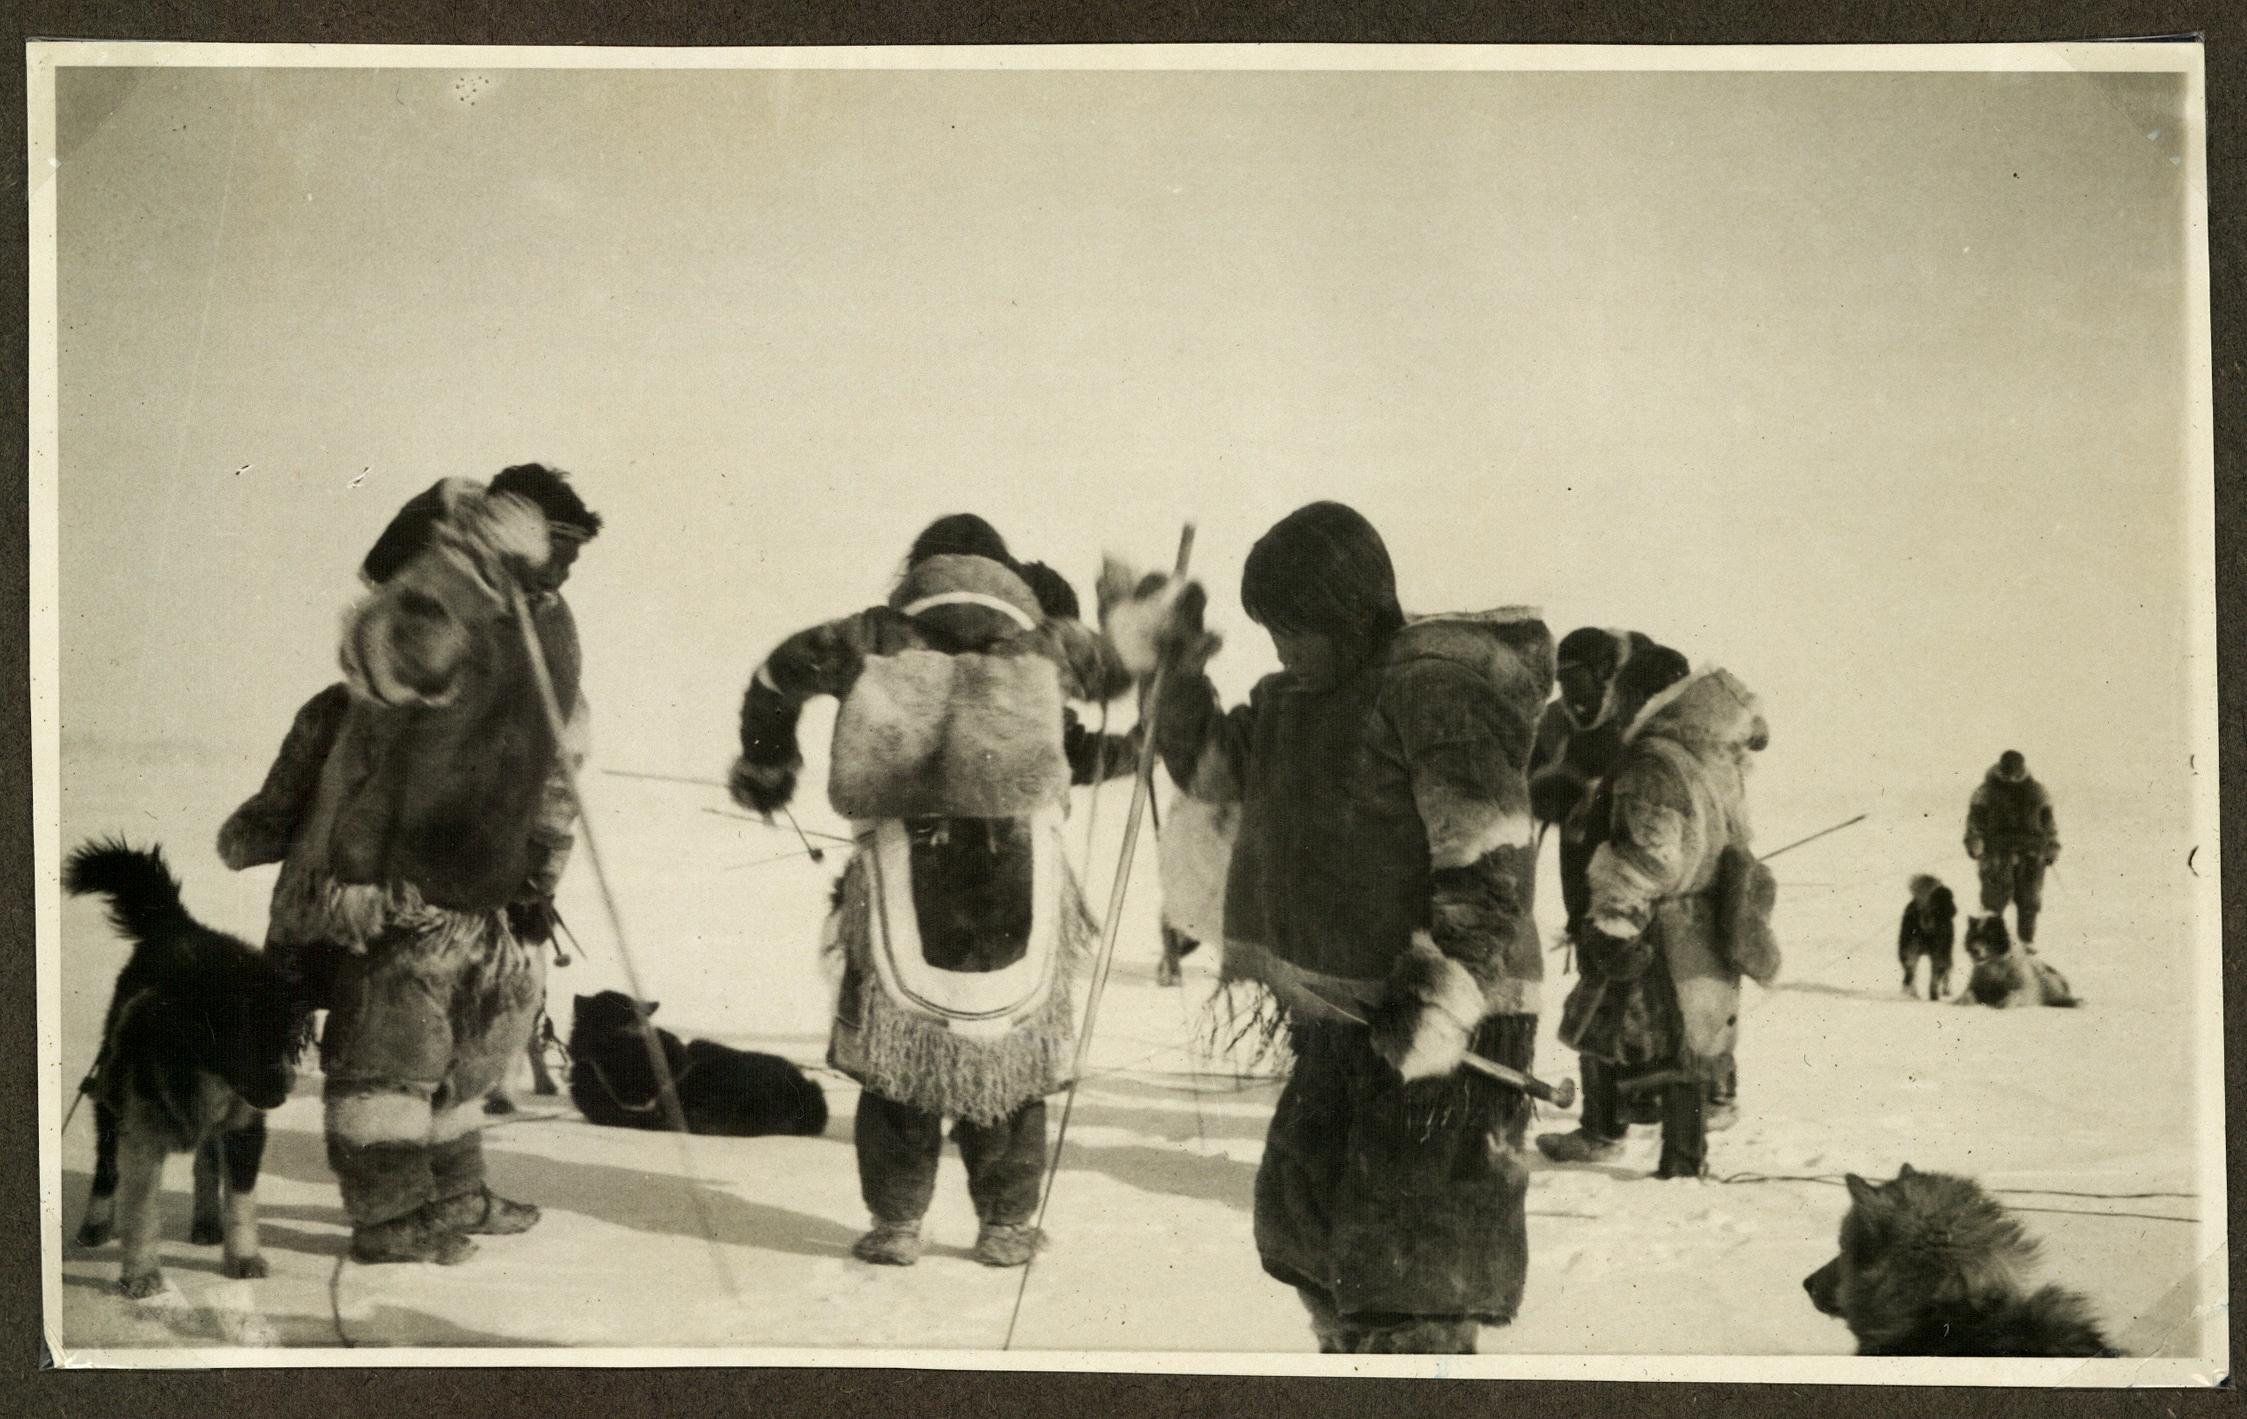 FileNetsilik Inuit Pa Fangst